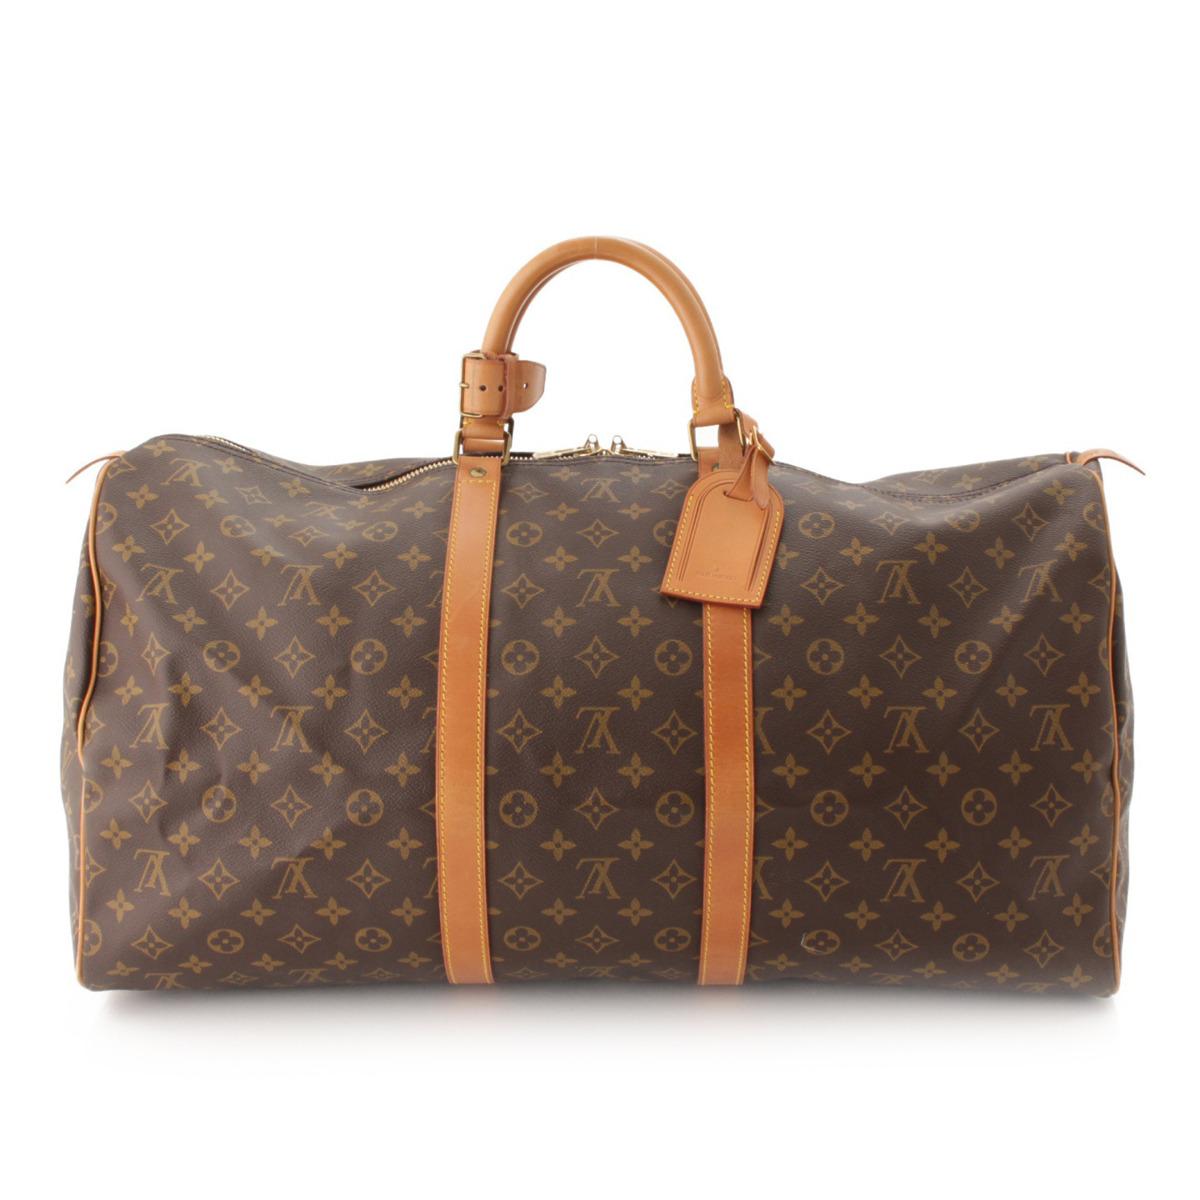 【ルイヴィトン】Louis Vuitton モノグラム キーポル55 ボストンバッグ M41424 【中古】【鑑定済・正規品保証】52825